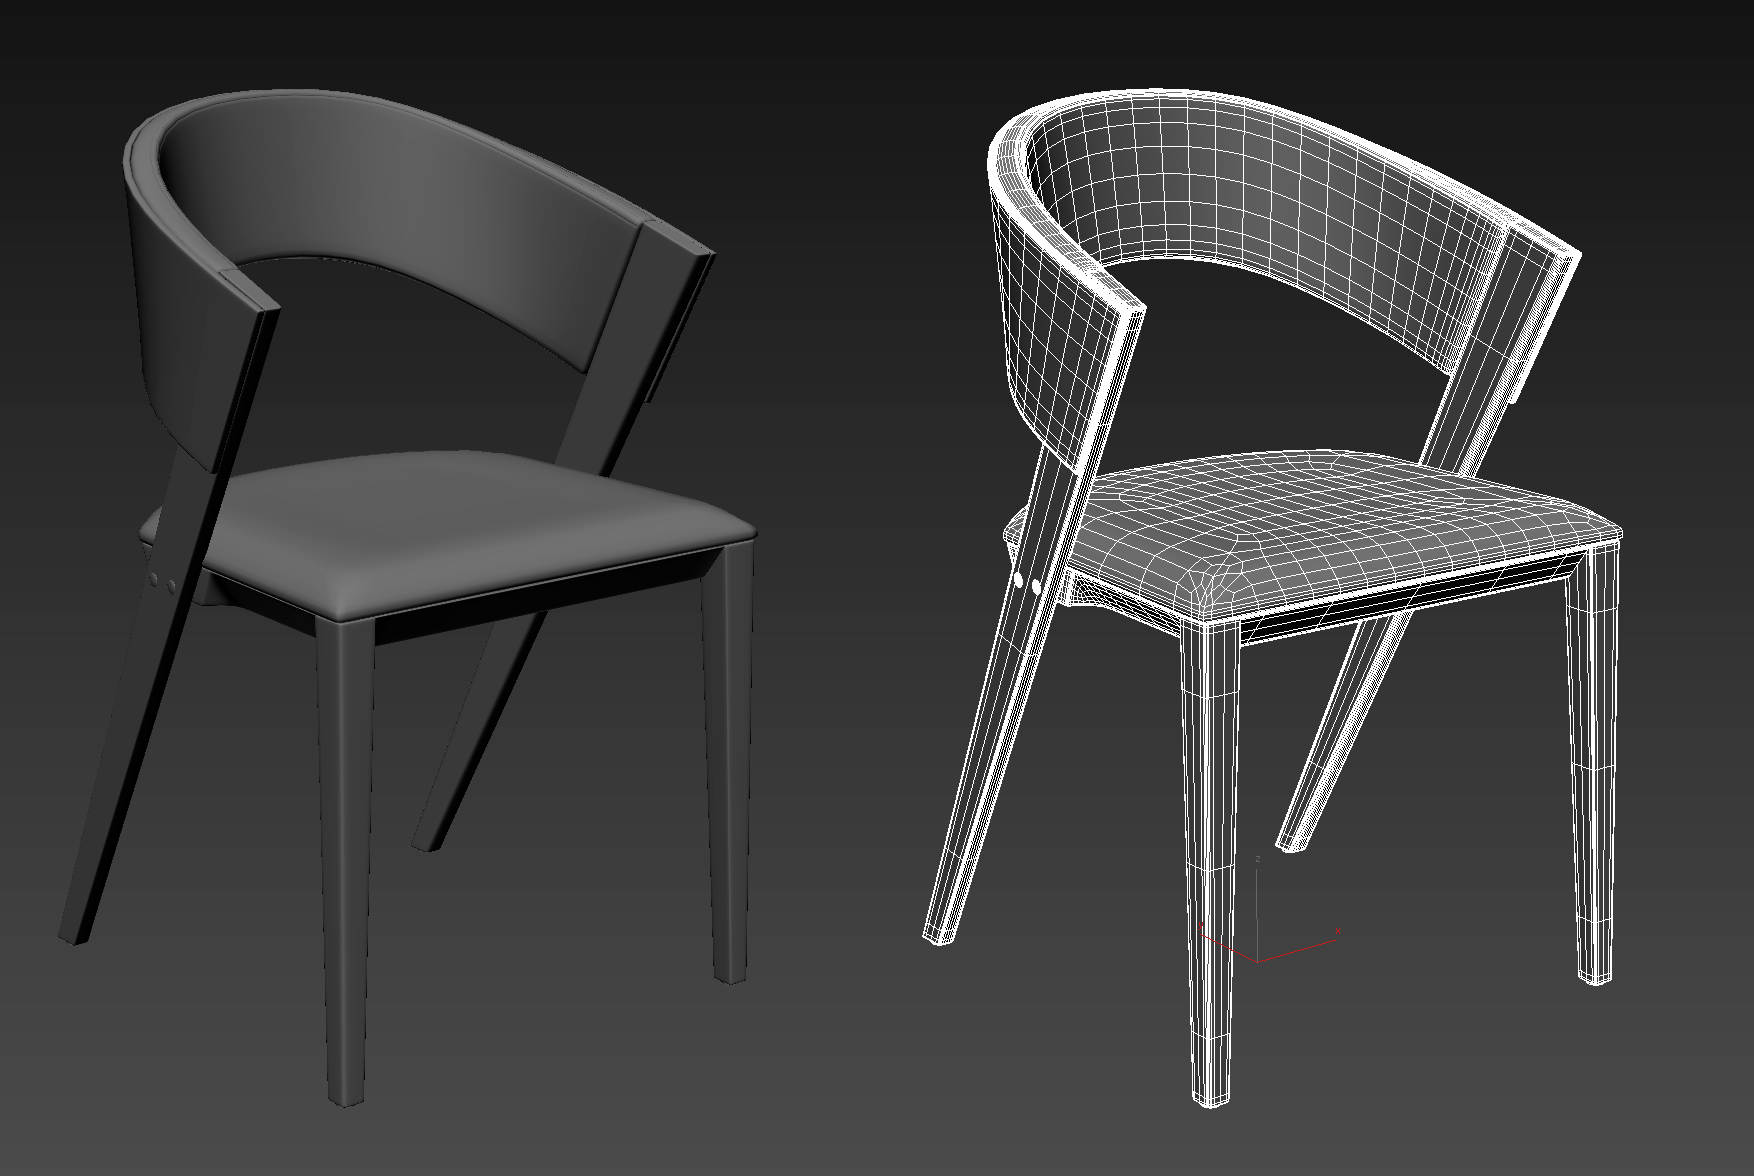 krzesło_4